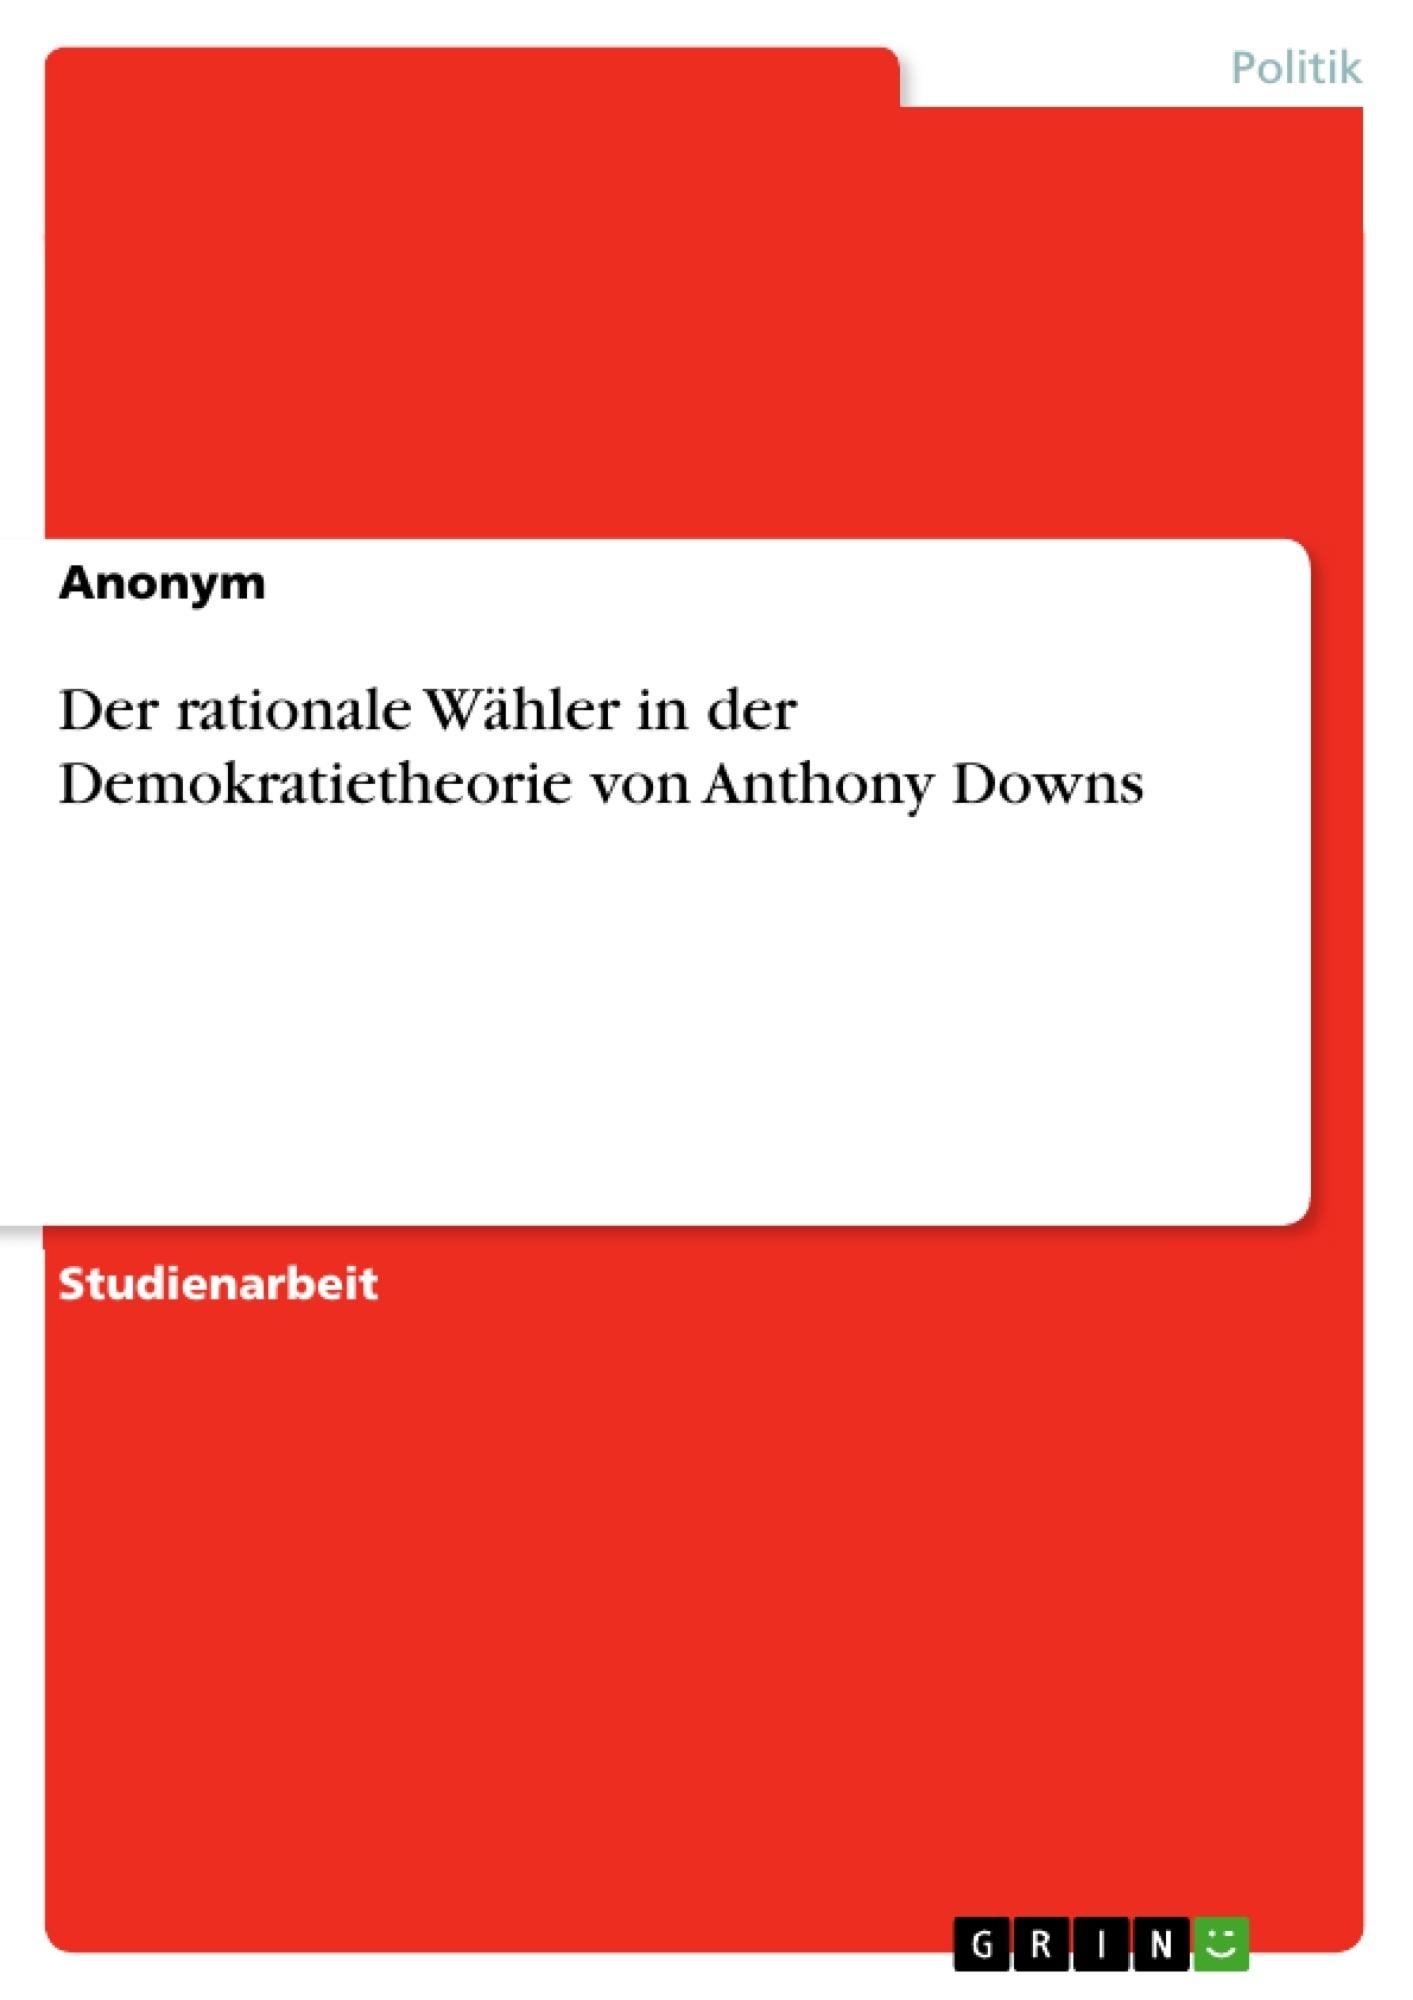 Titel: Der rationale Wähler in der Demokratietheorie von Anthony Downs